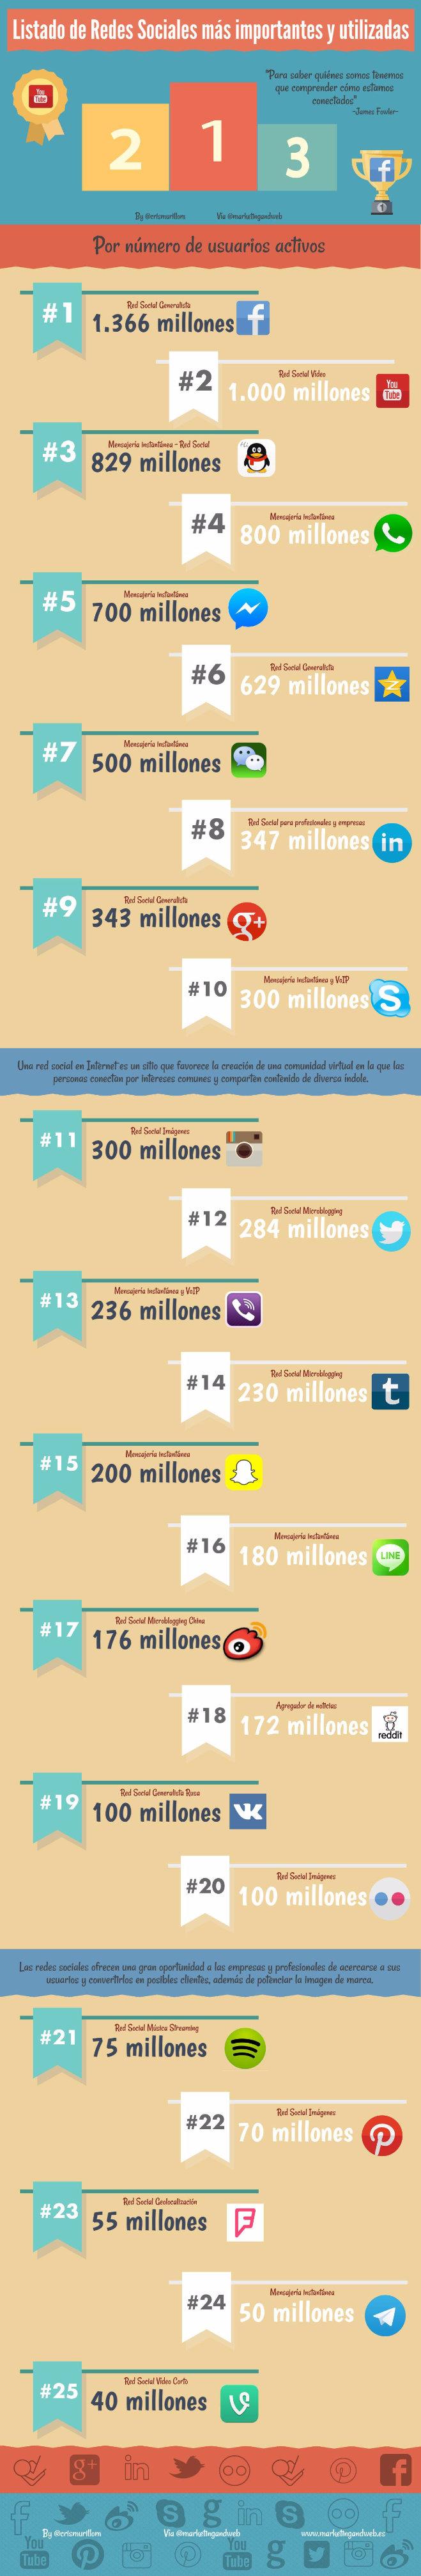 25 Redes Sociales más importantes (por nº de usuarios activos)